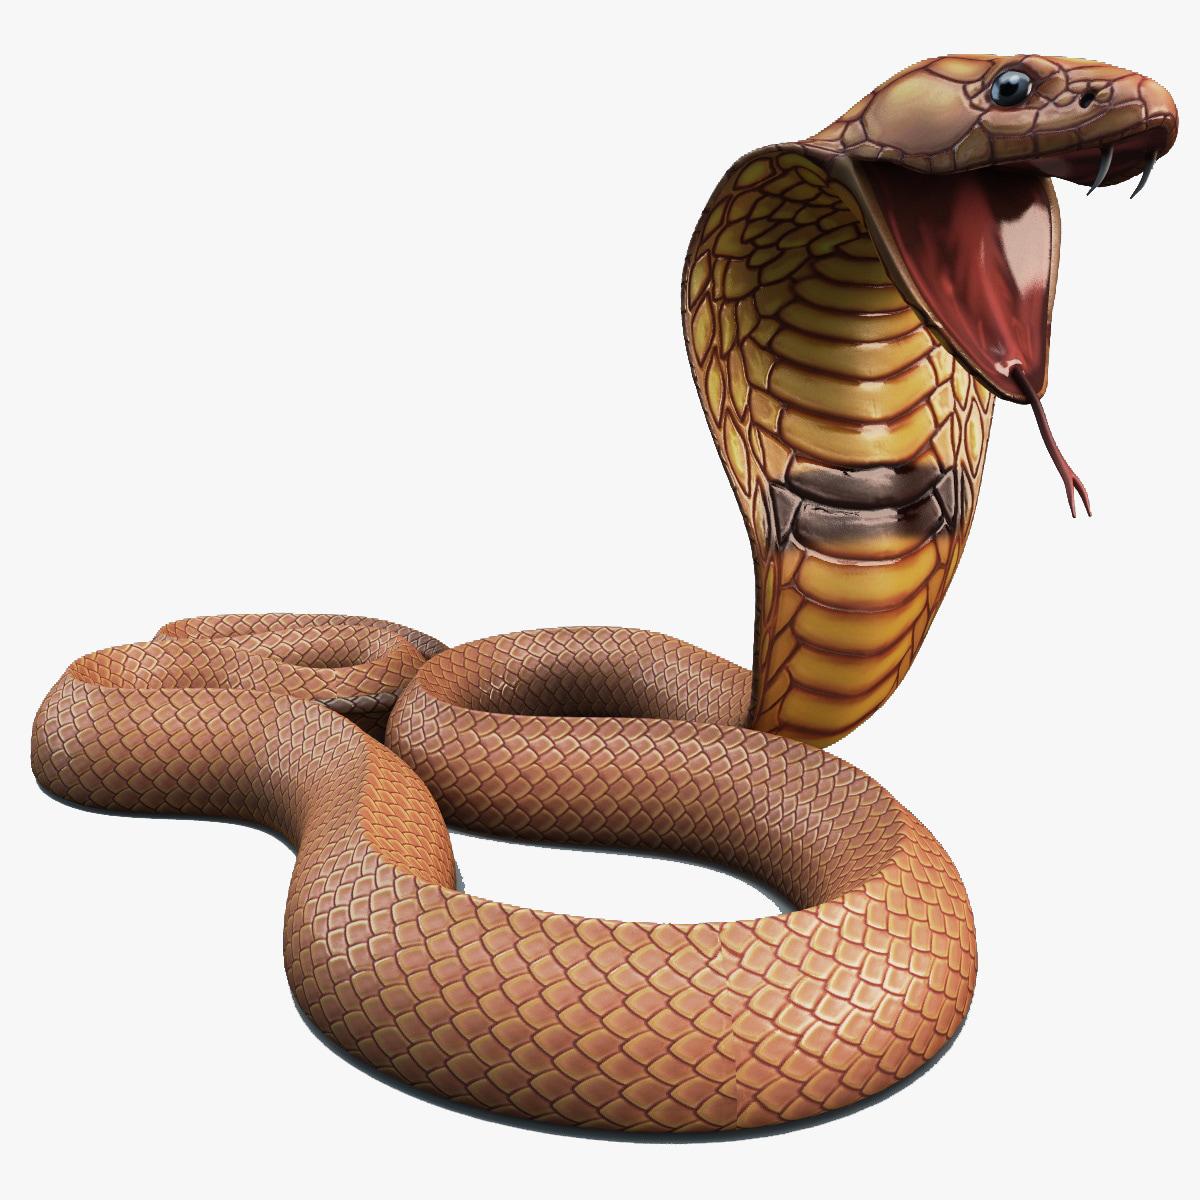 Snake_Cobra_Rigged_000.jpg